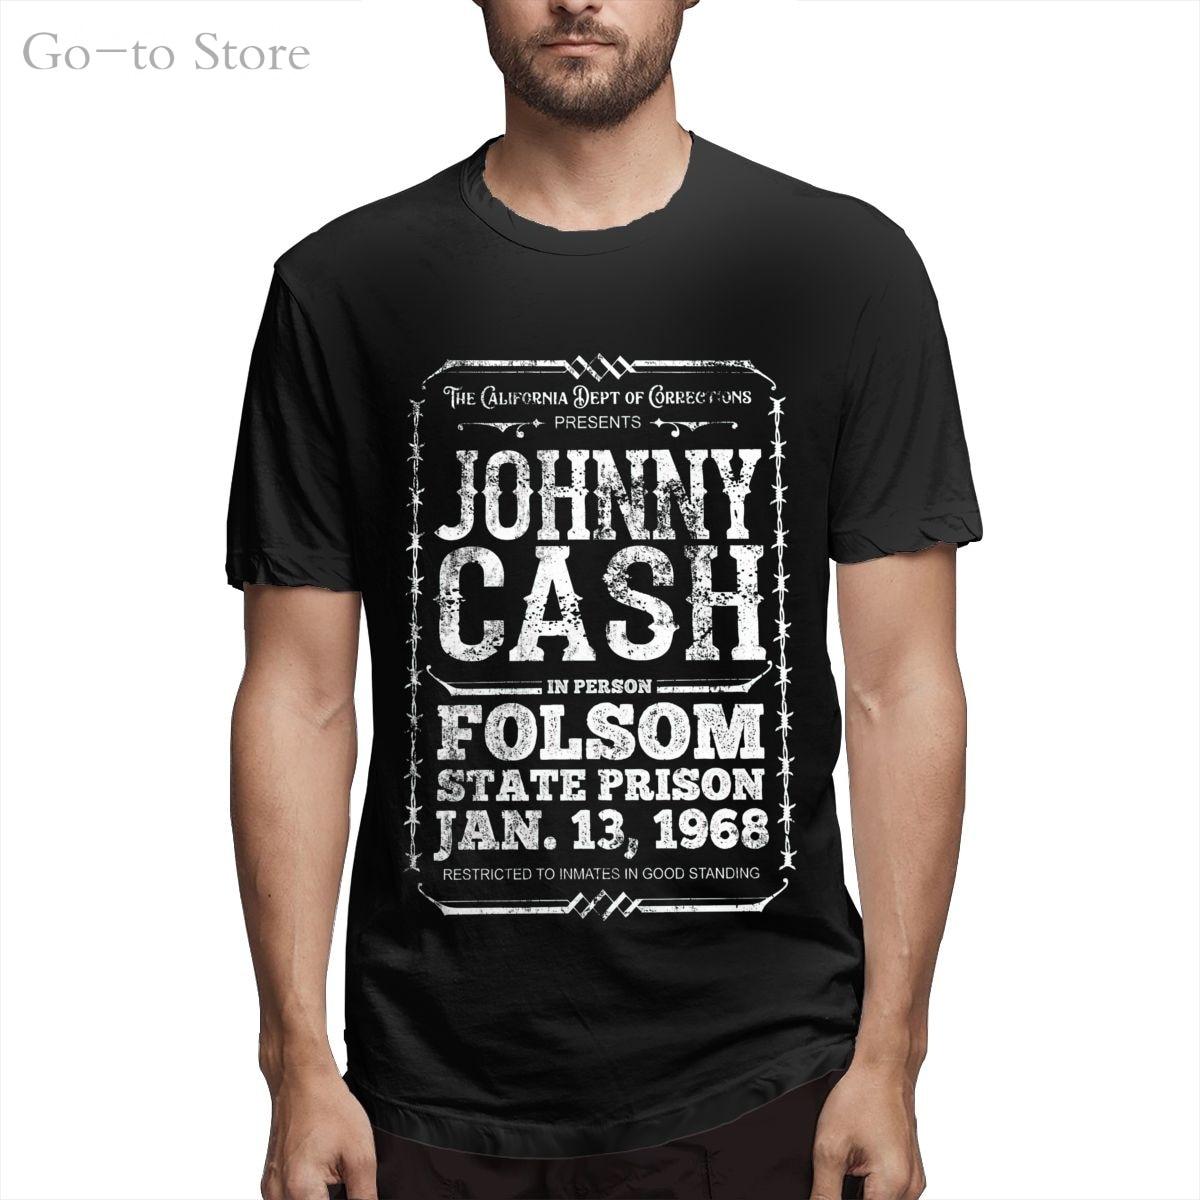 Bargeld Zu Folsom Prison, Distressed Kühlen Und Lustige Kurzarm Casual Mode Baumwolle T-shirt